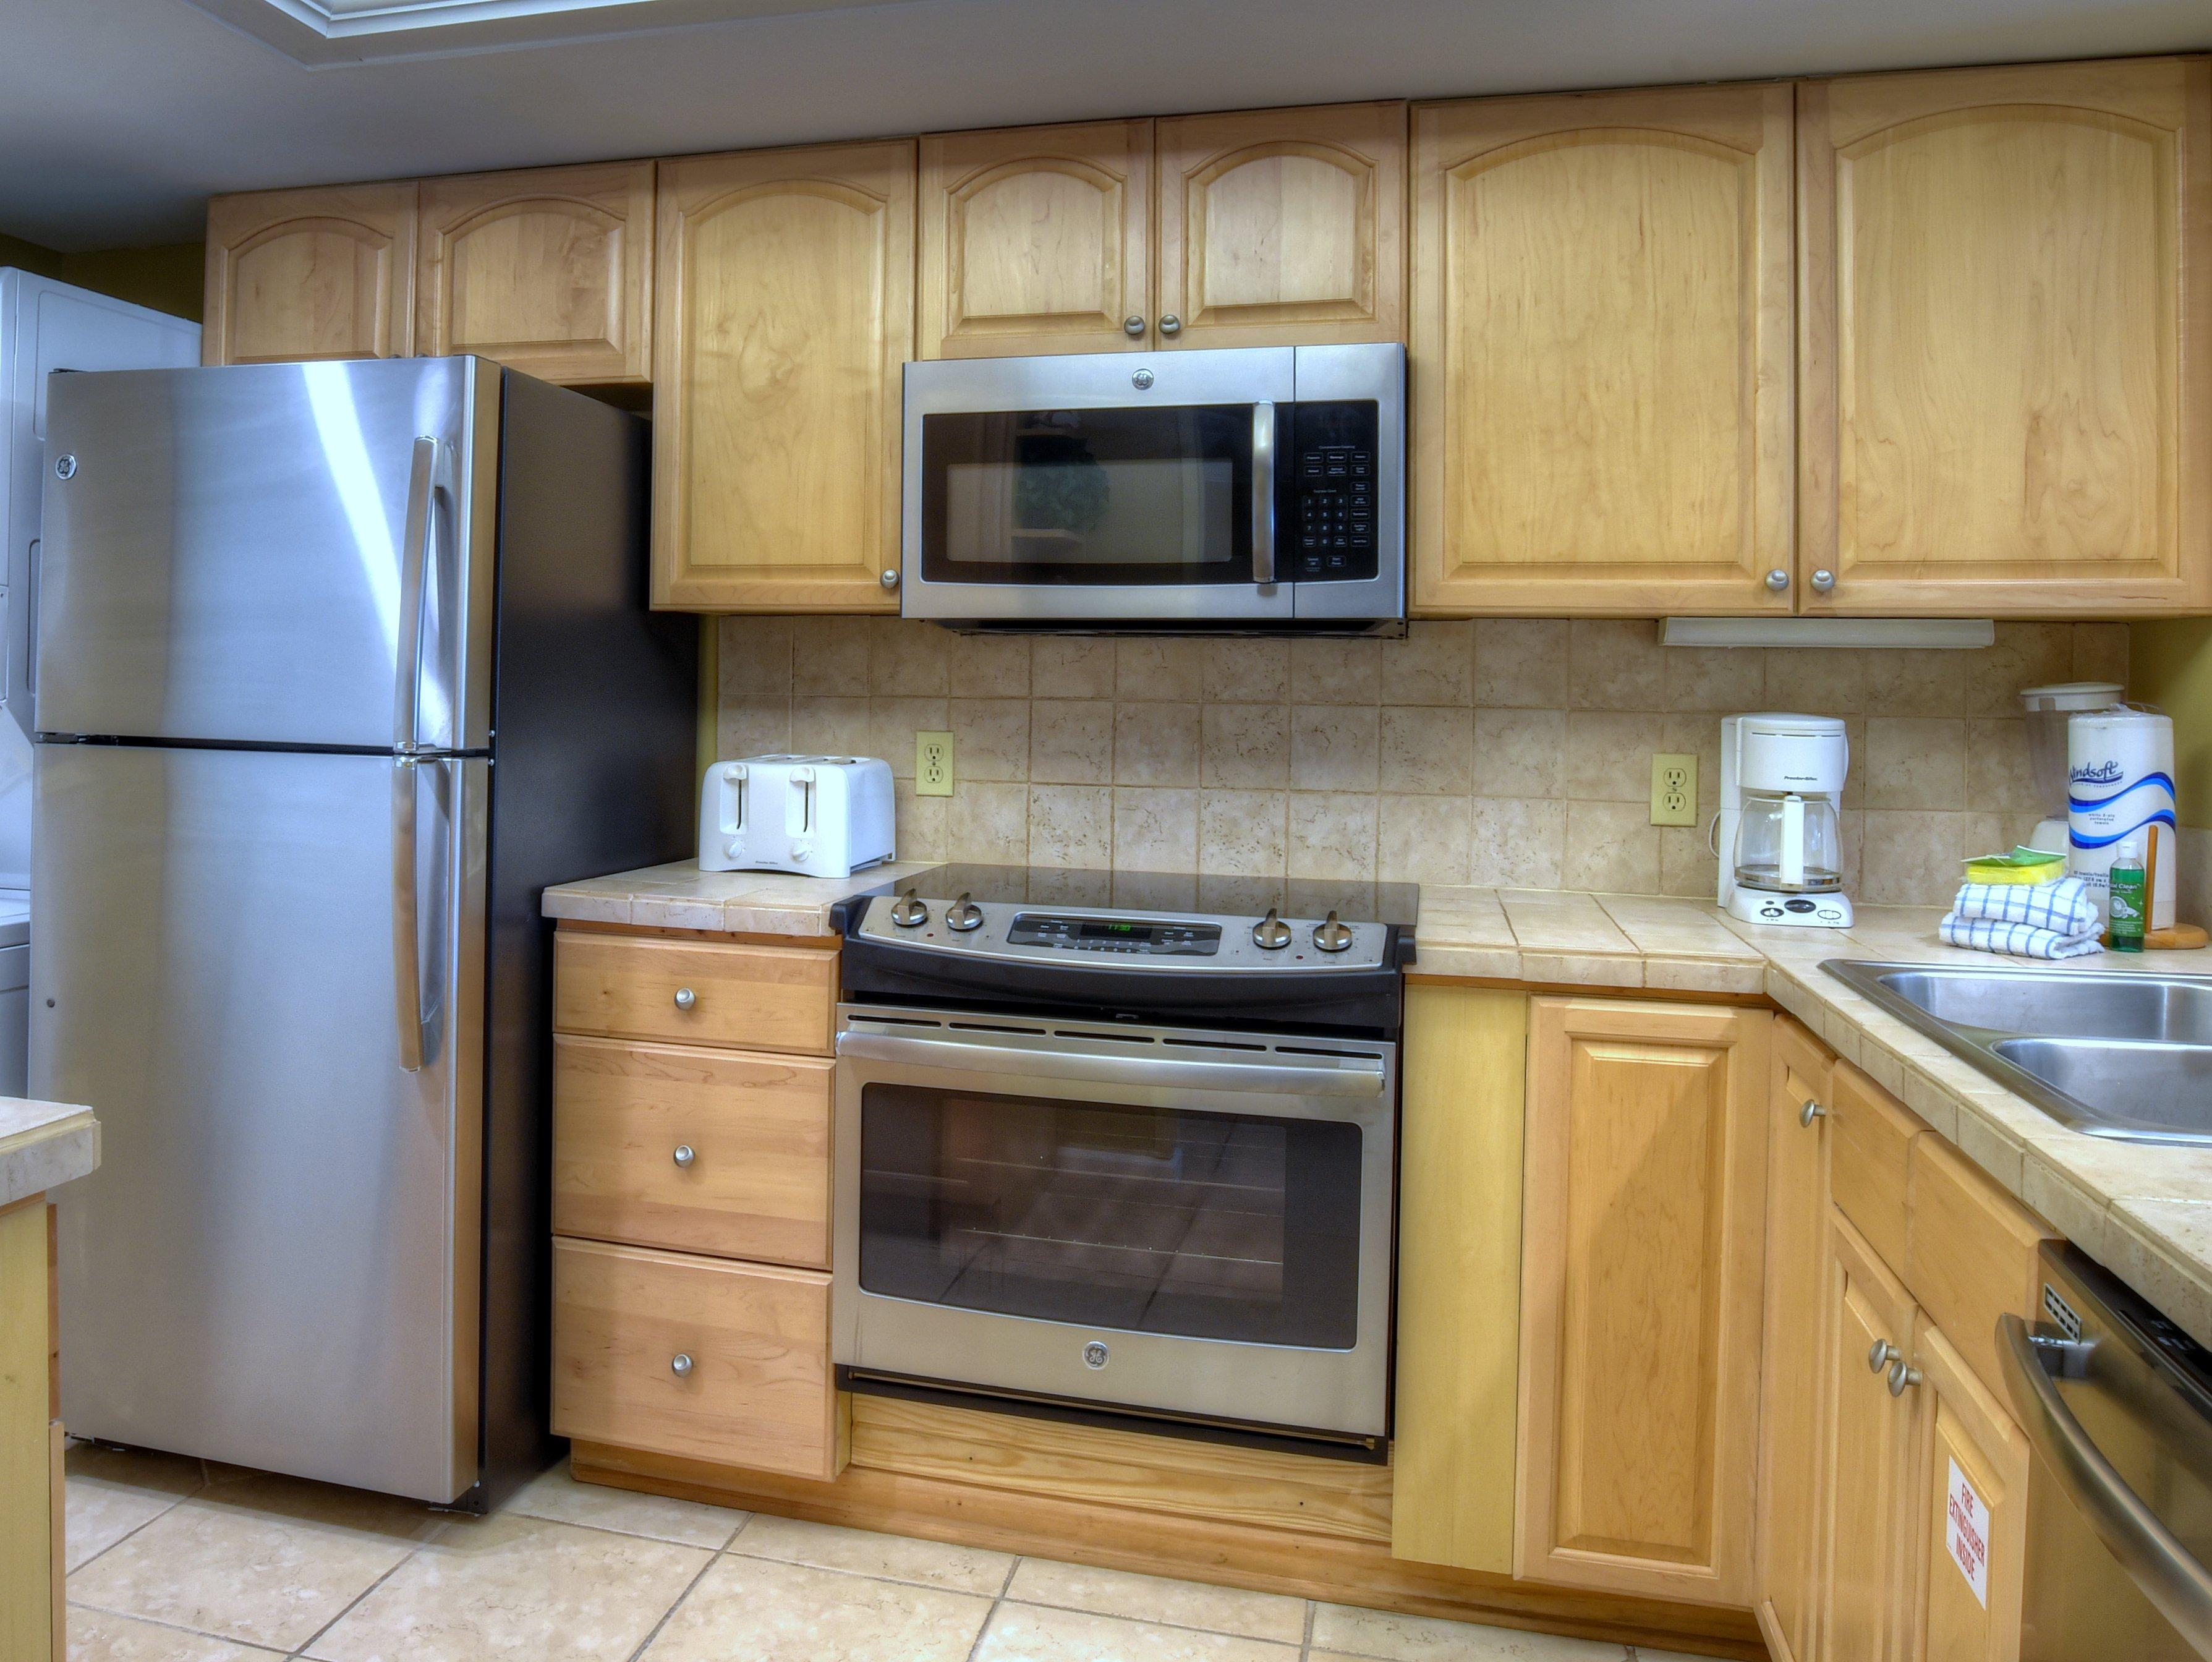 285 Fairways Condo rental in Sandestin Rentals ~ Cottages and Villas  in Destin Florida - #4